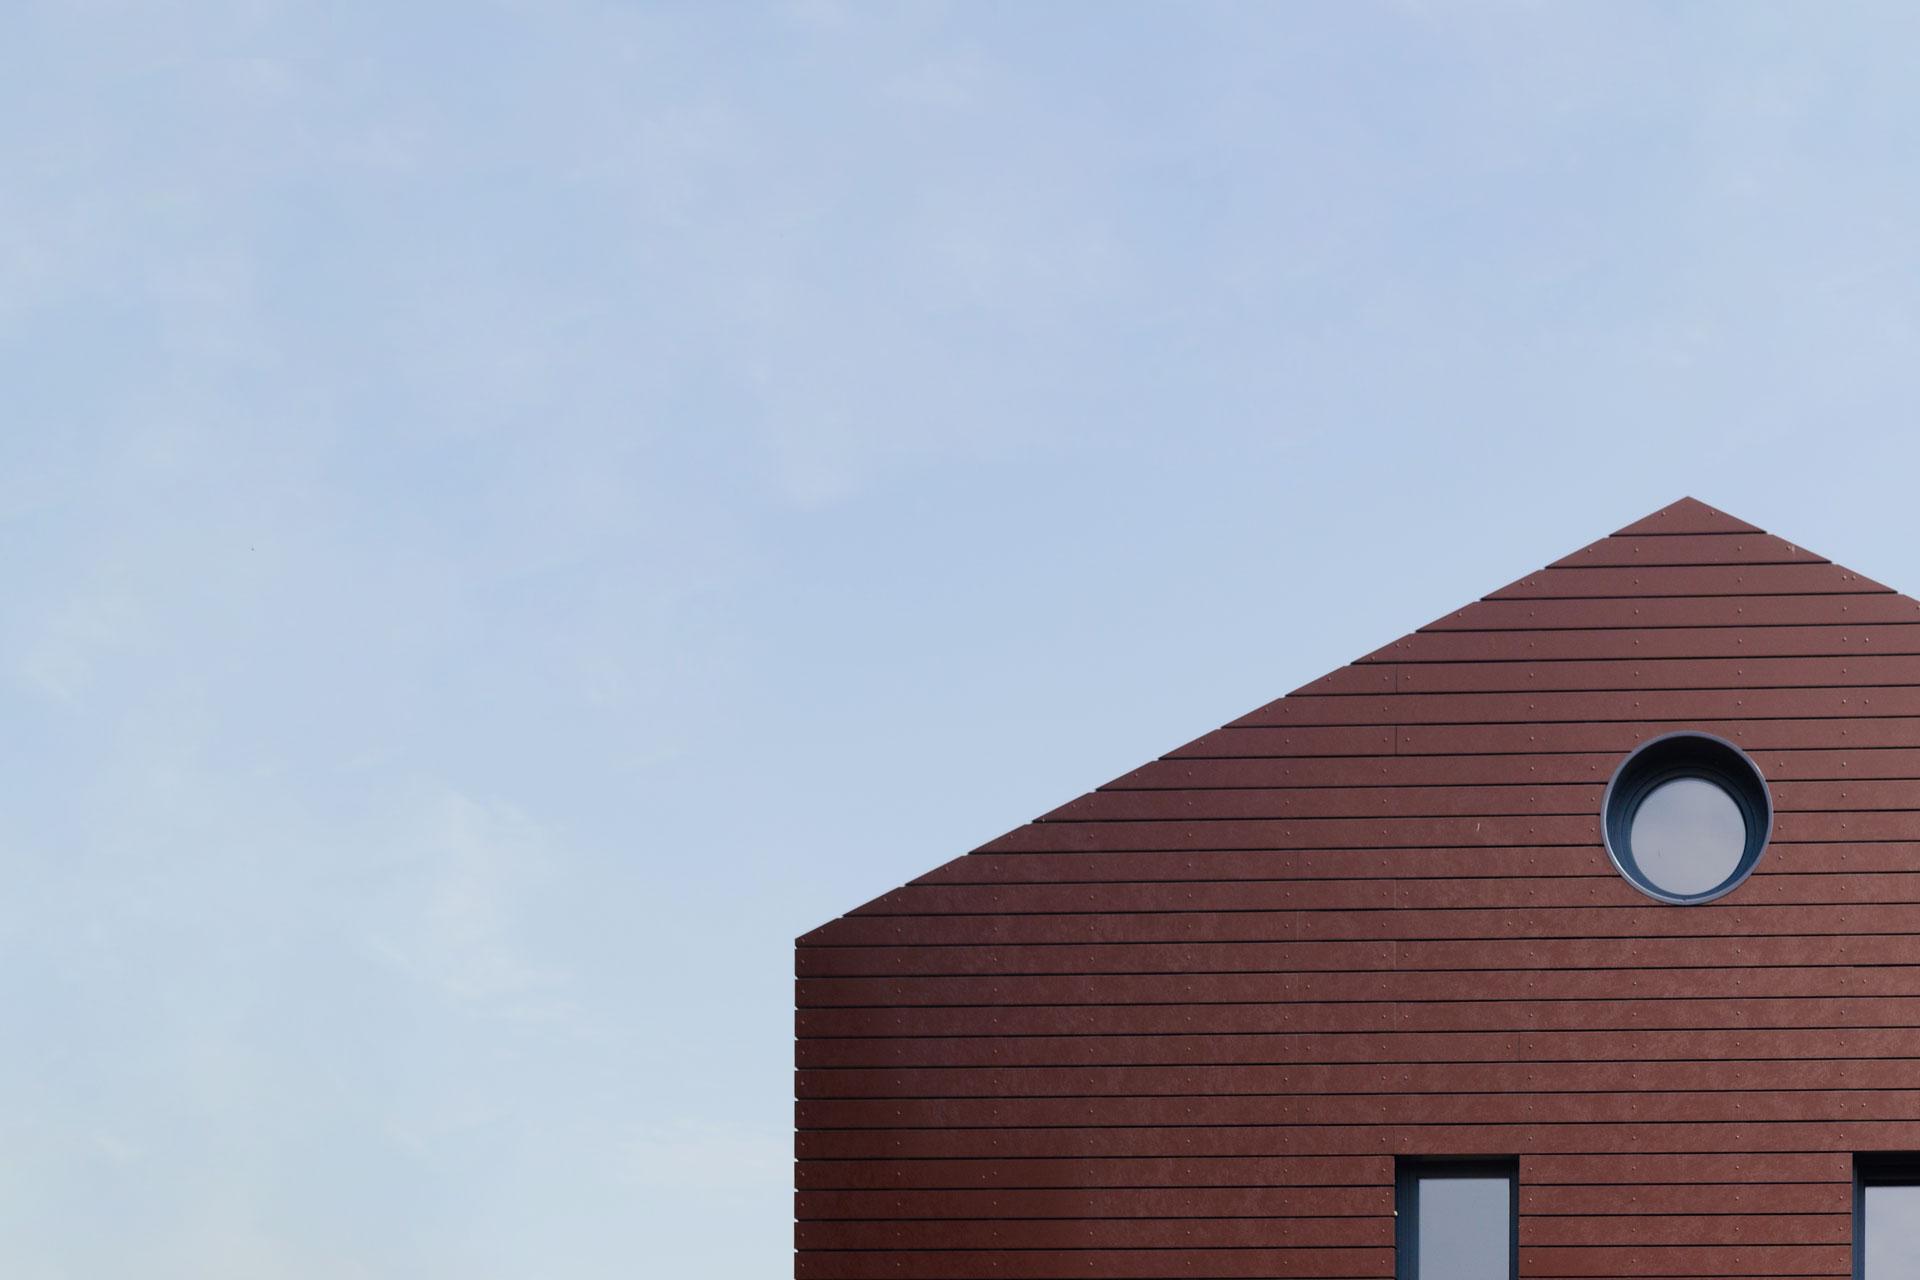 Einfamilienhaus im Landkreis Bad Doberan (08) / Detail